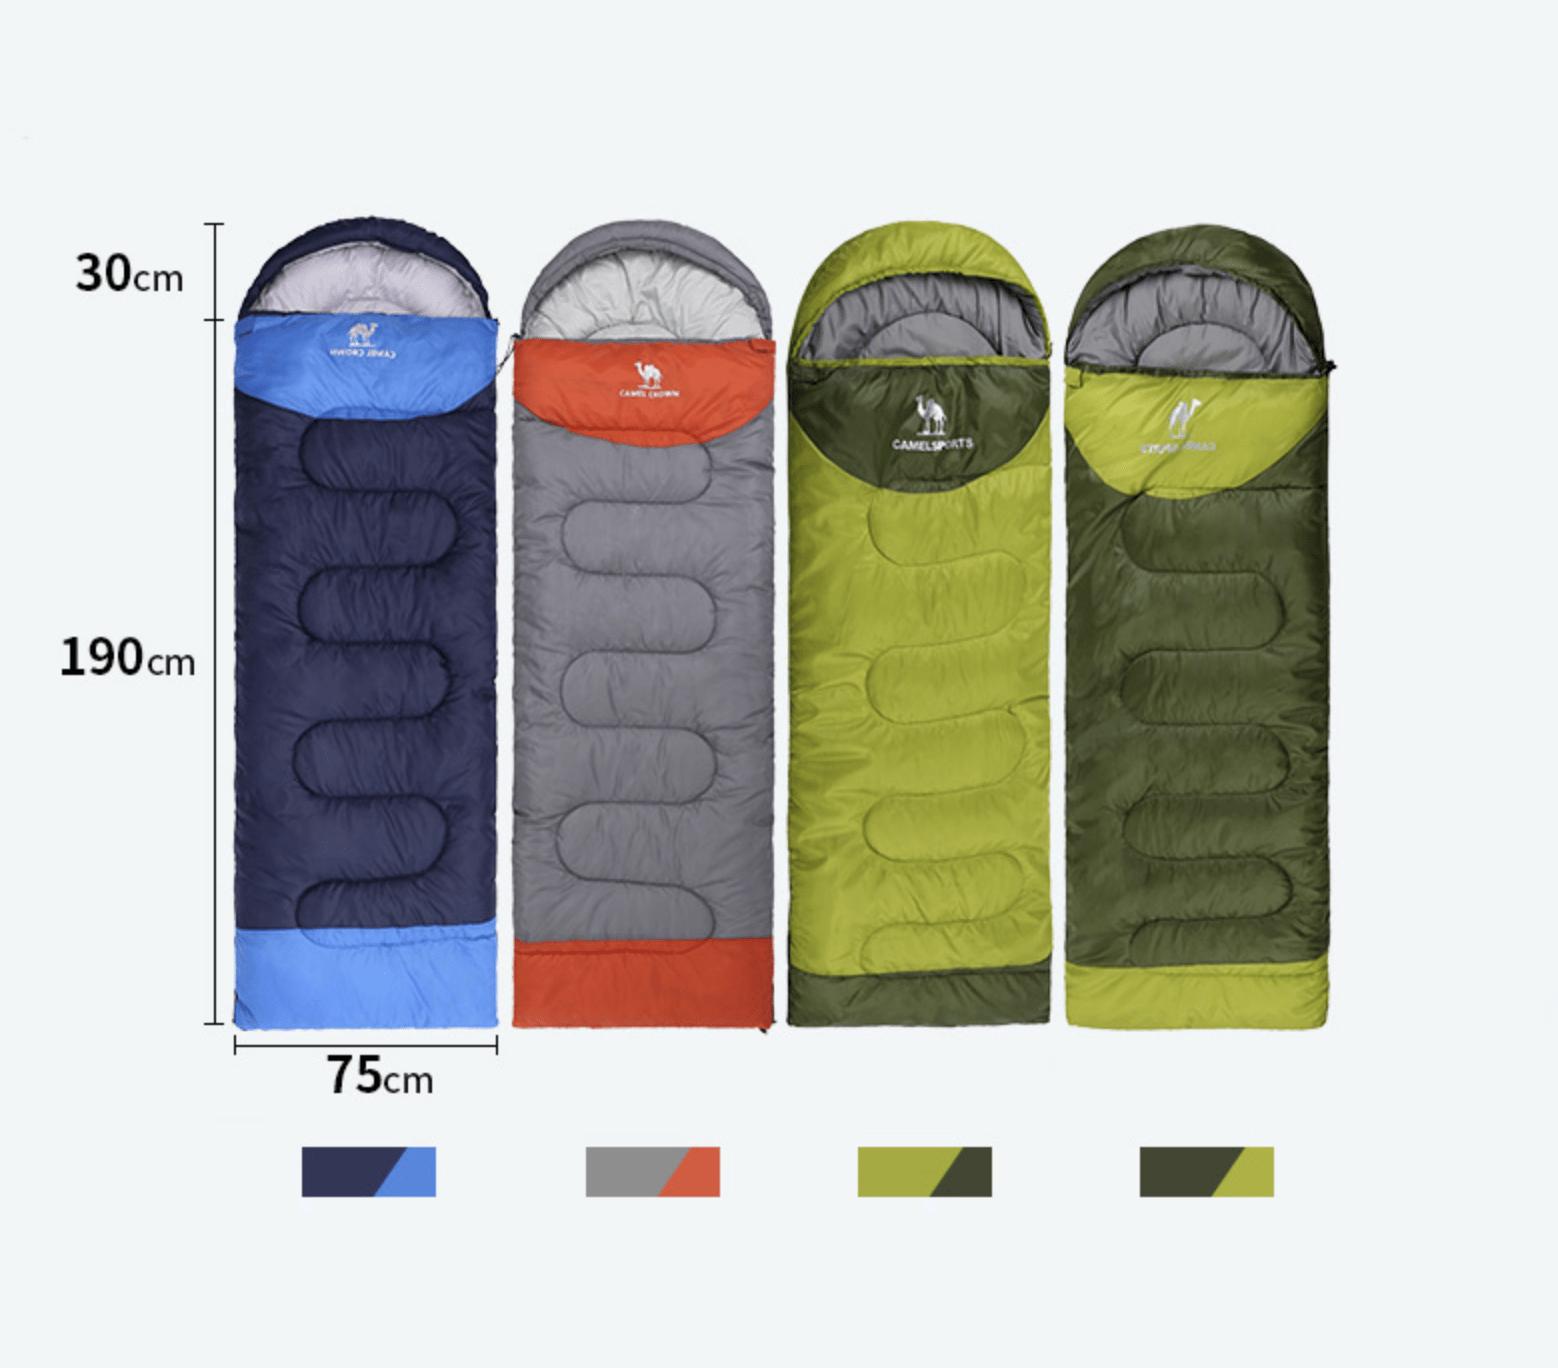 Kinh nghiệm chọn mua túi ngủ chống muỗi phù hợp